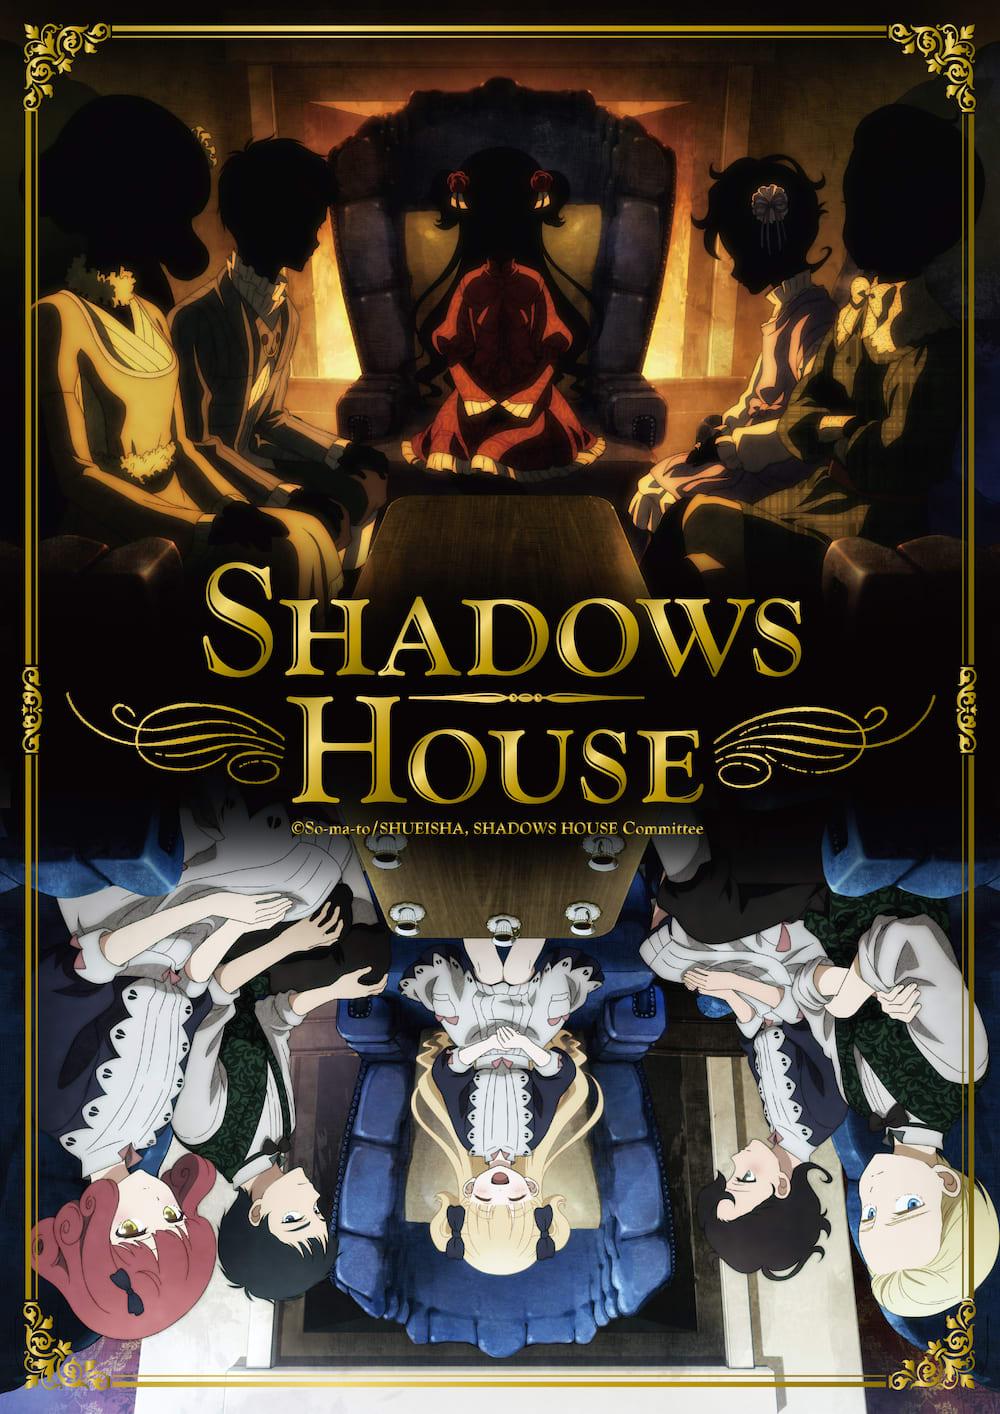 信息-SHADOWS HOUSE-在Wakanim.tv上以英文字幕,高清和合法方式播放的动漫